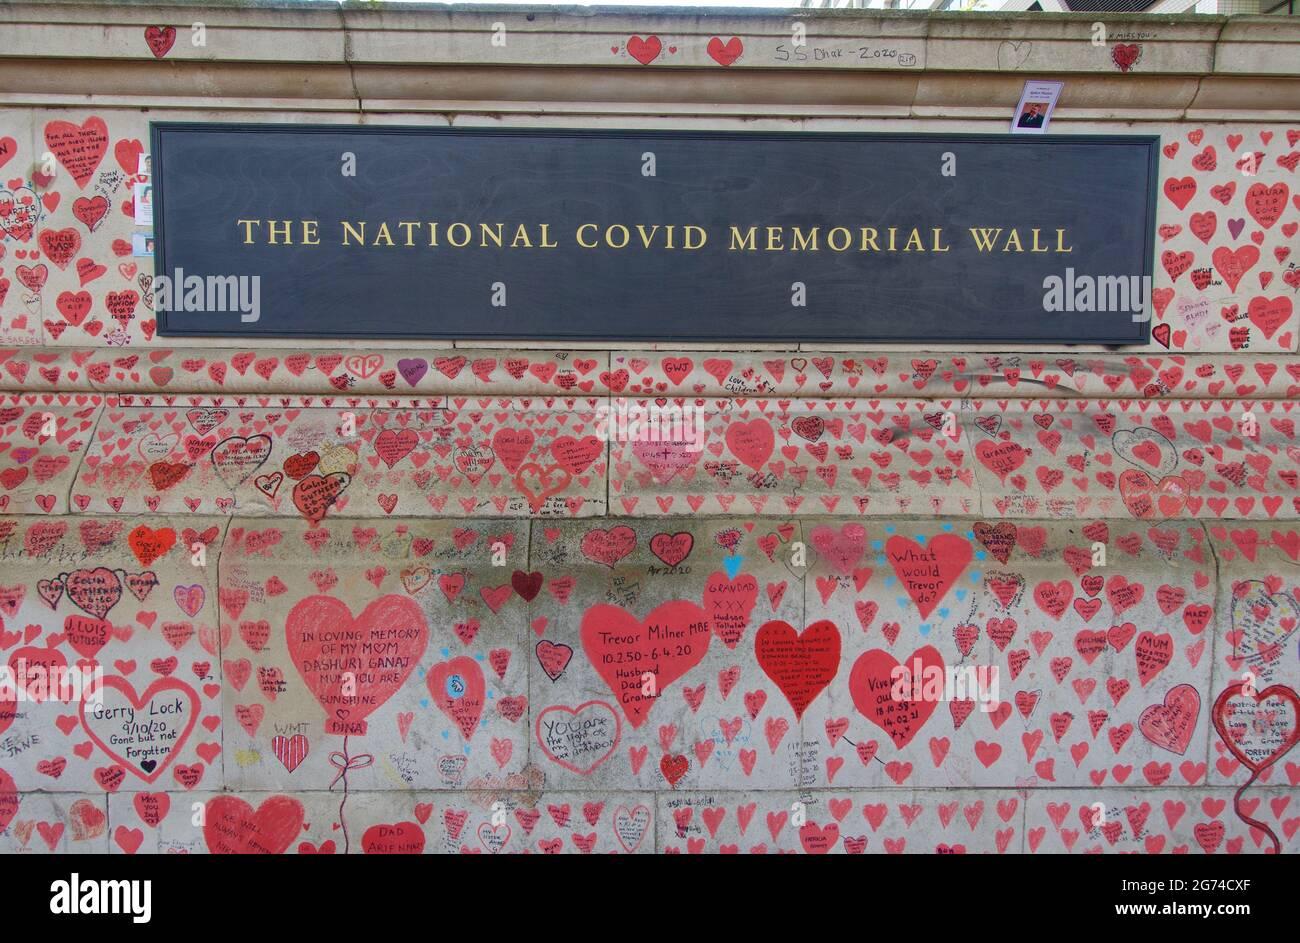 London, England, UK 24.06.2021_die National Covid Memorial Wall in southbank, Lambeth zum Gedenken an die covid-19 Opfer Stockfoto